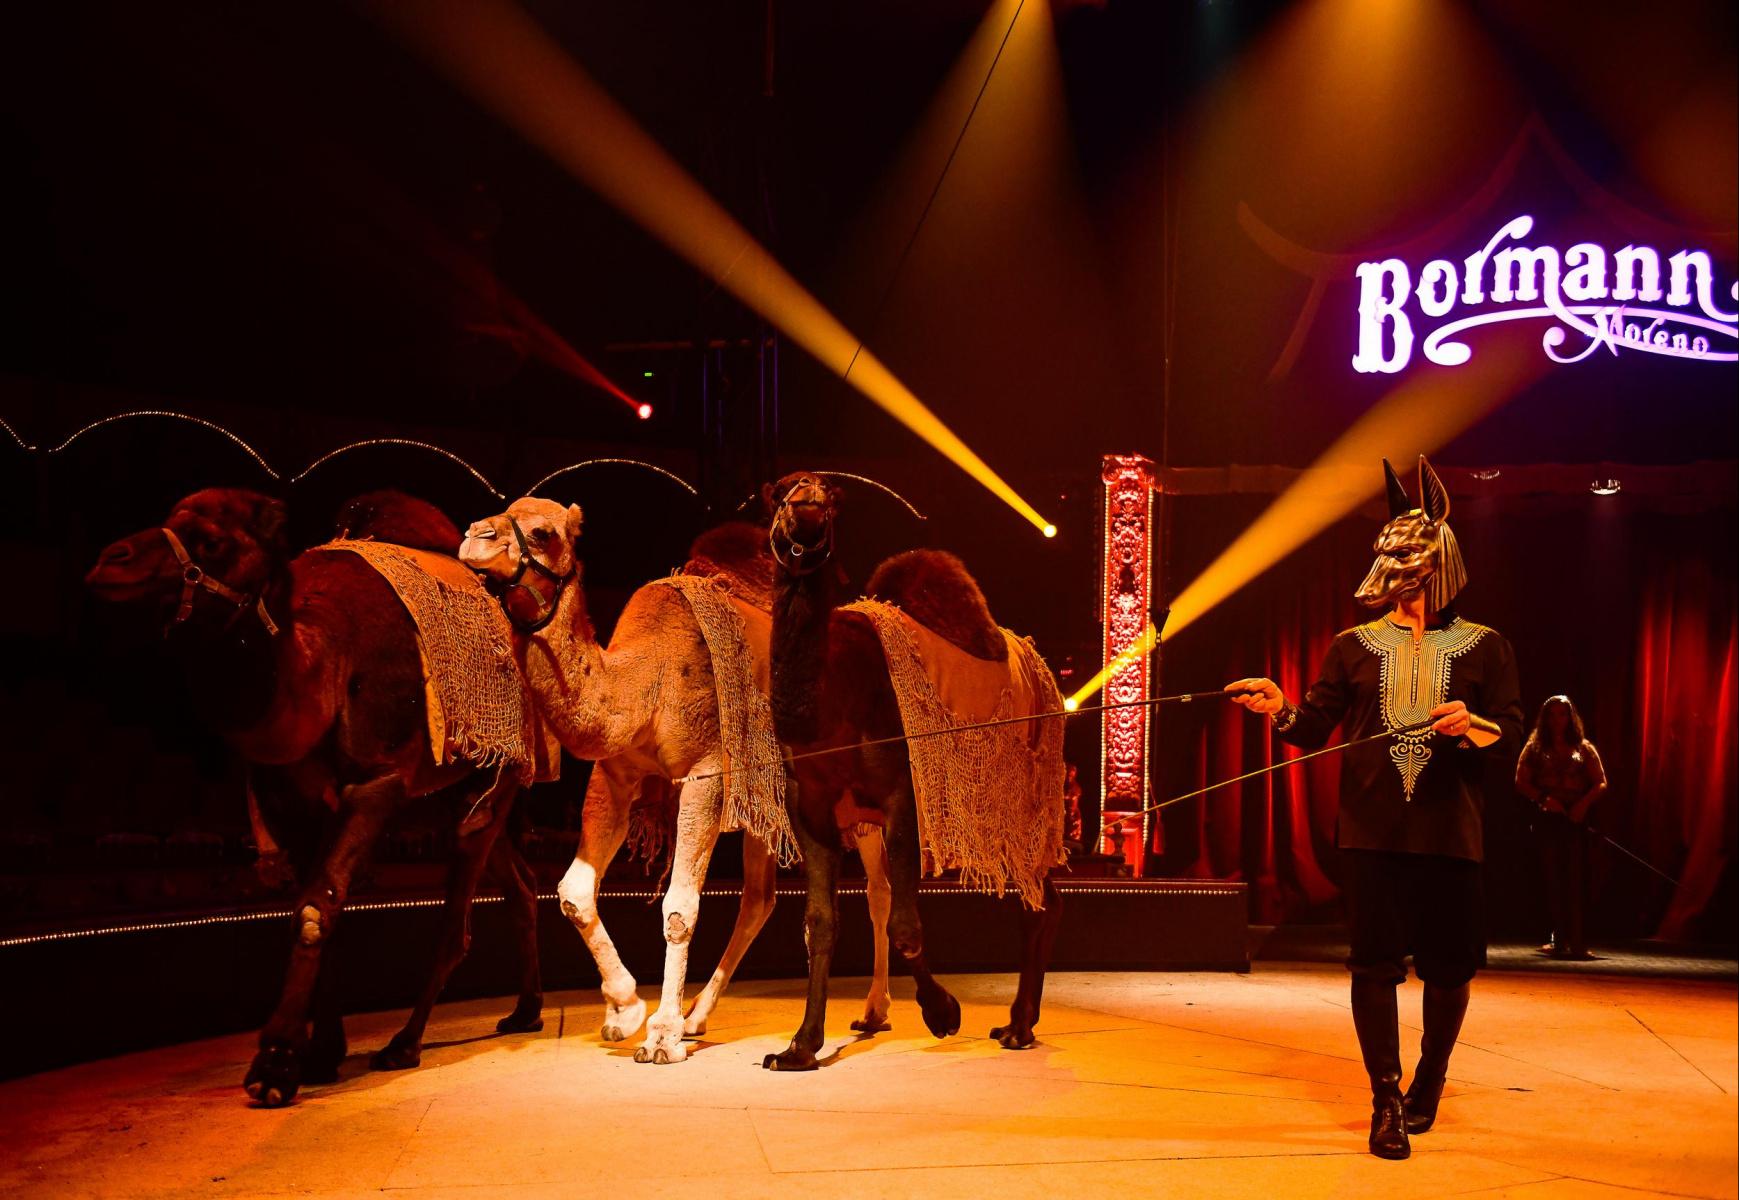 Le Cirque Bormann À Paris Avec Le Spectacle Voyage Dans Le encequiconcerne Venez Venez Dans Mon Cirque